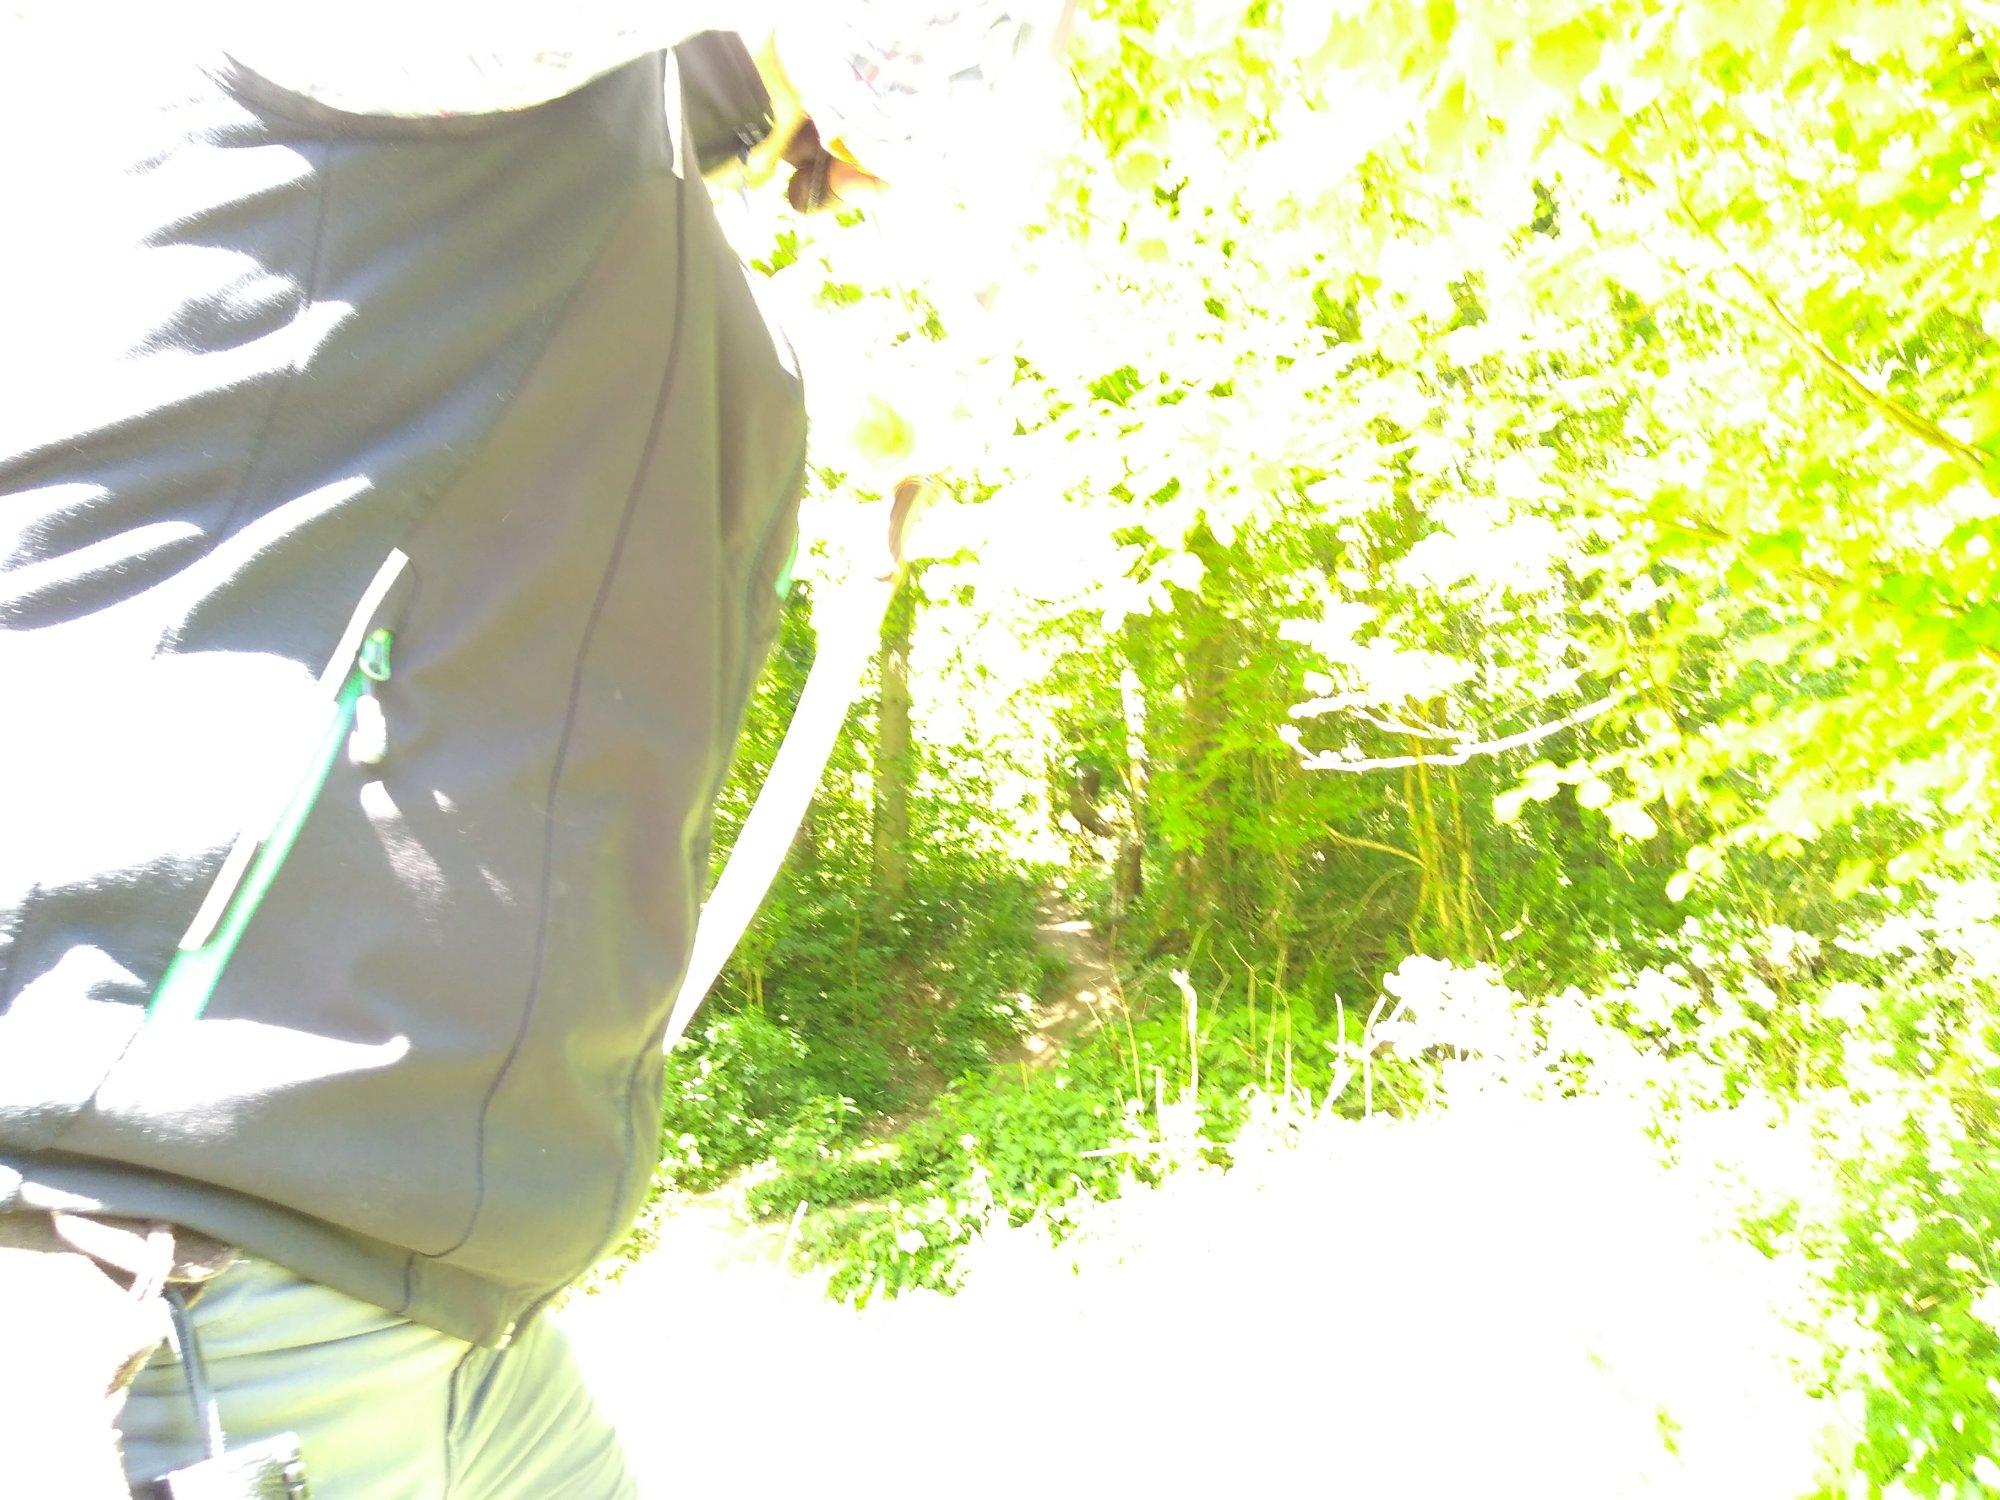 Bogenschütze im Wald bei starkem Sonnenschein durch die Bäume